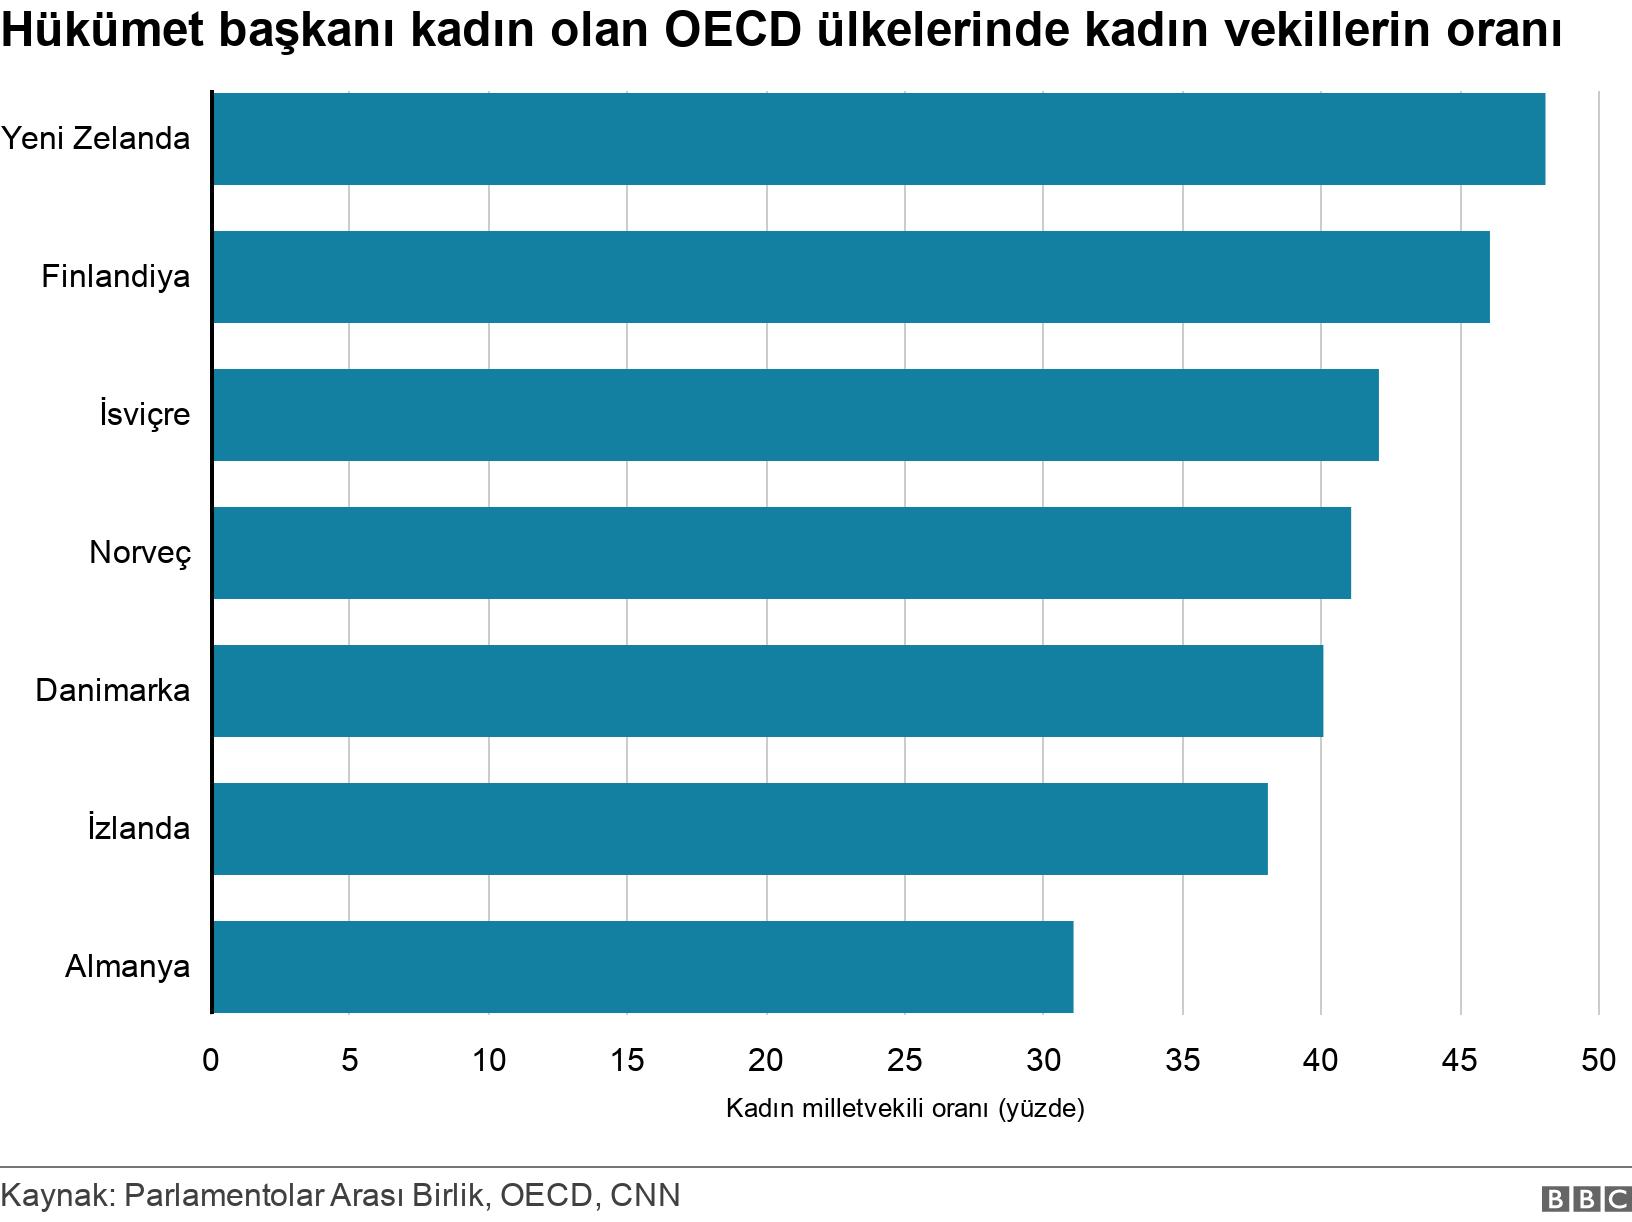 Hükümet başkanı kadın olan OECD ülkelerinde kadın vekillerin oranı. .  .